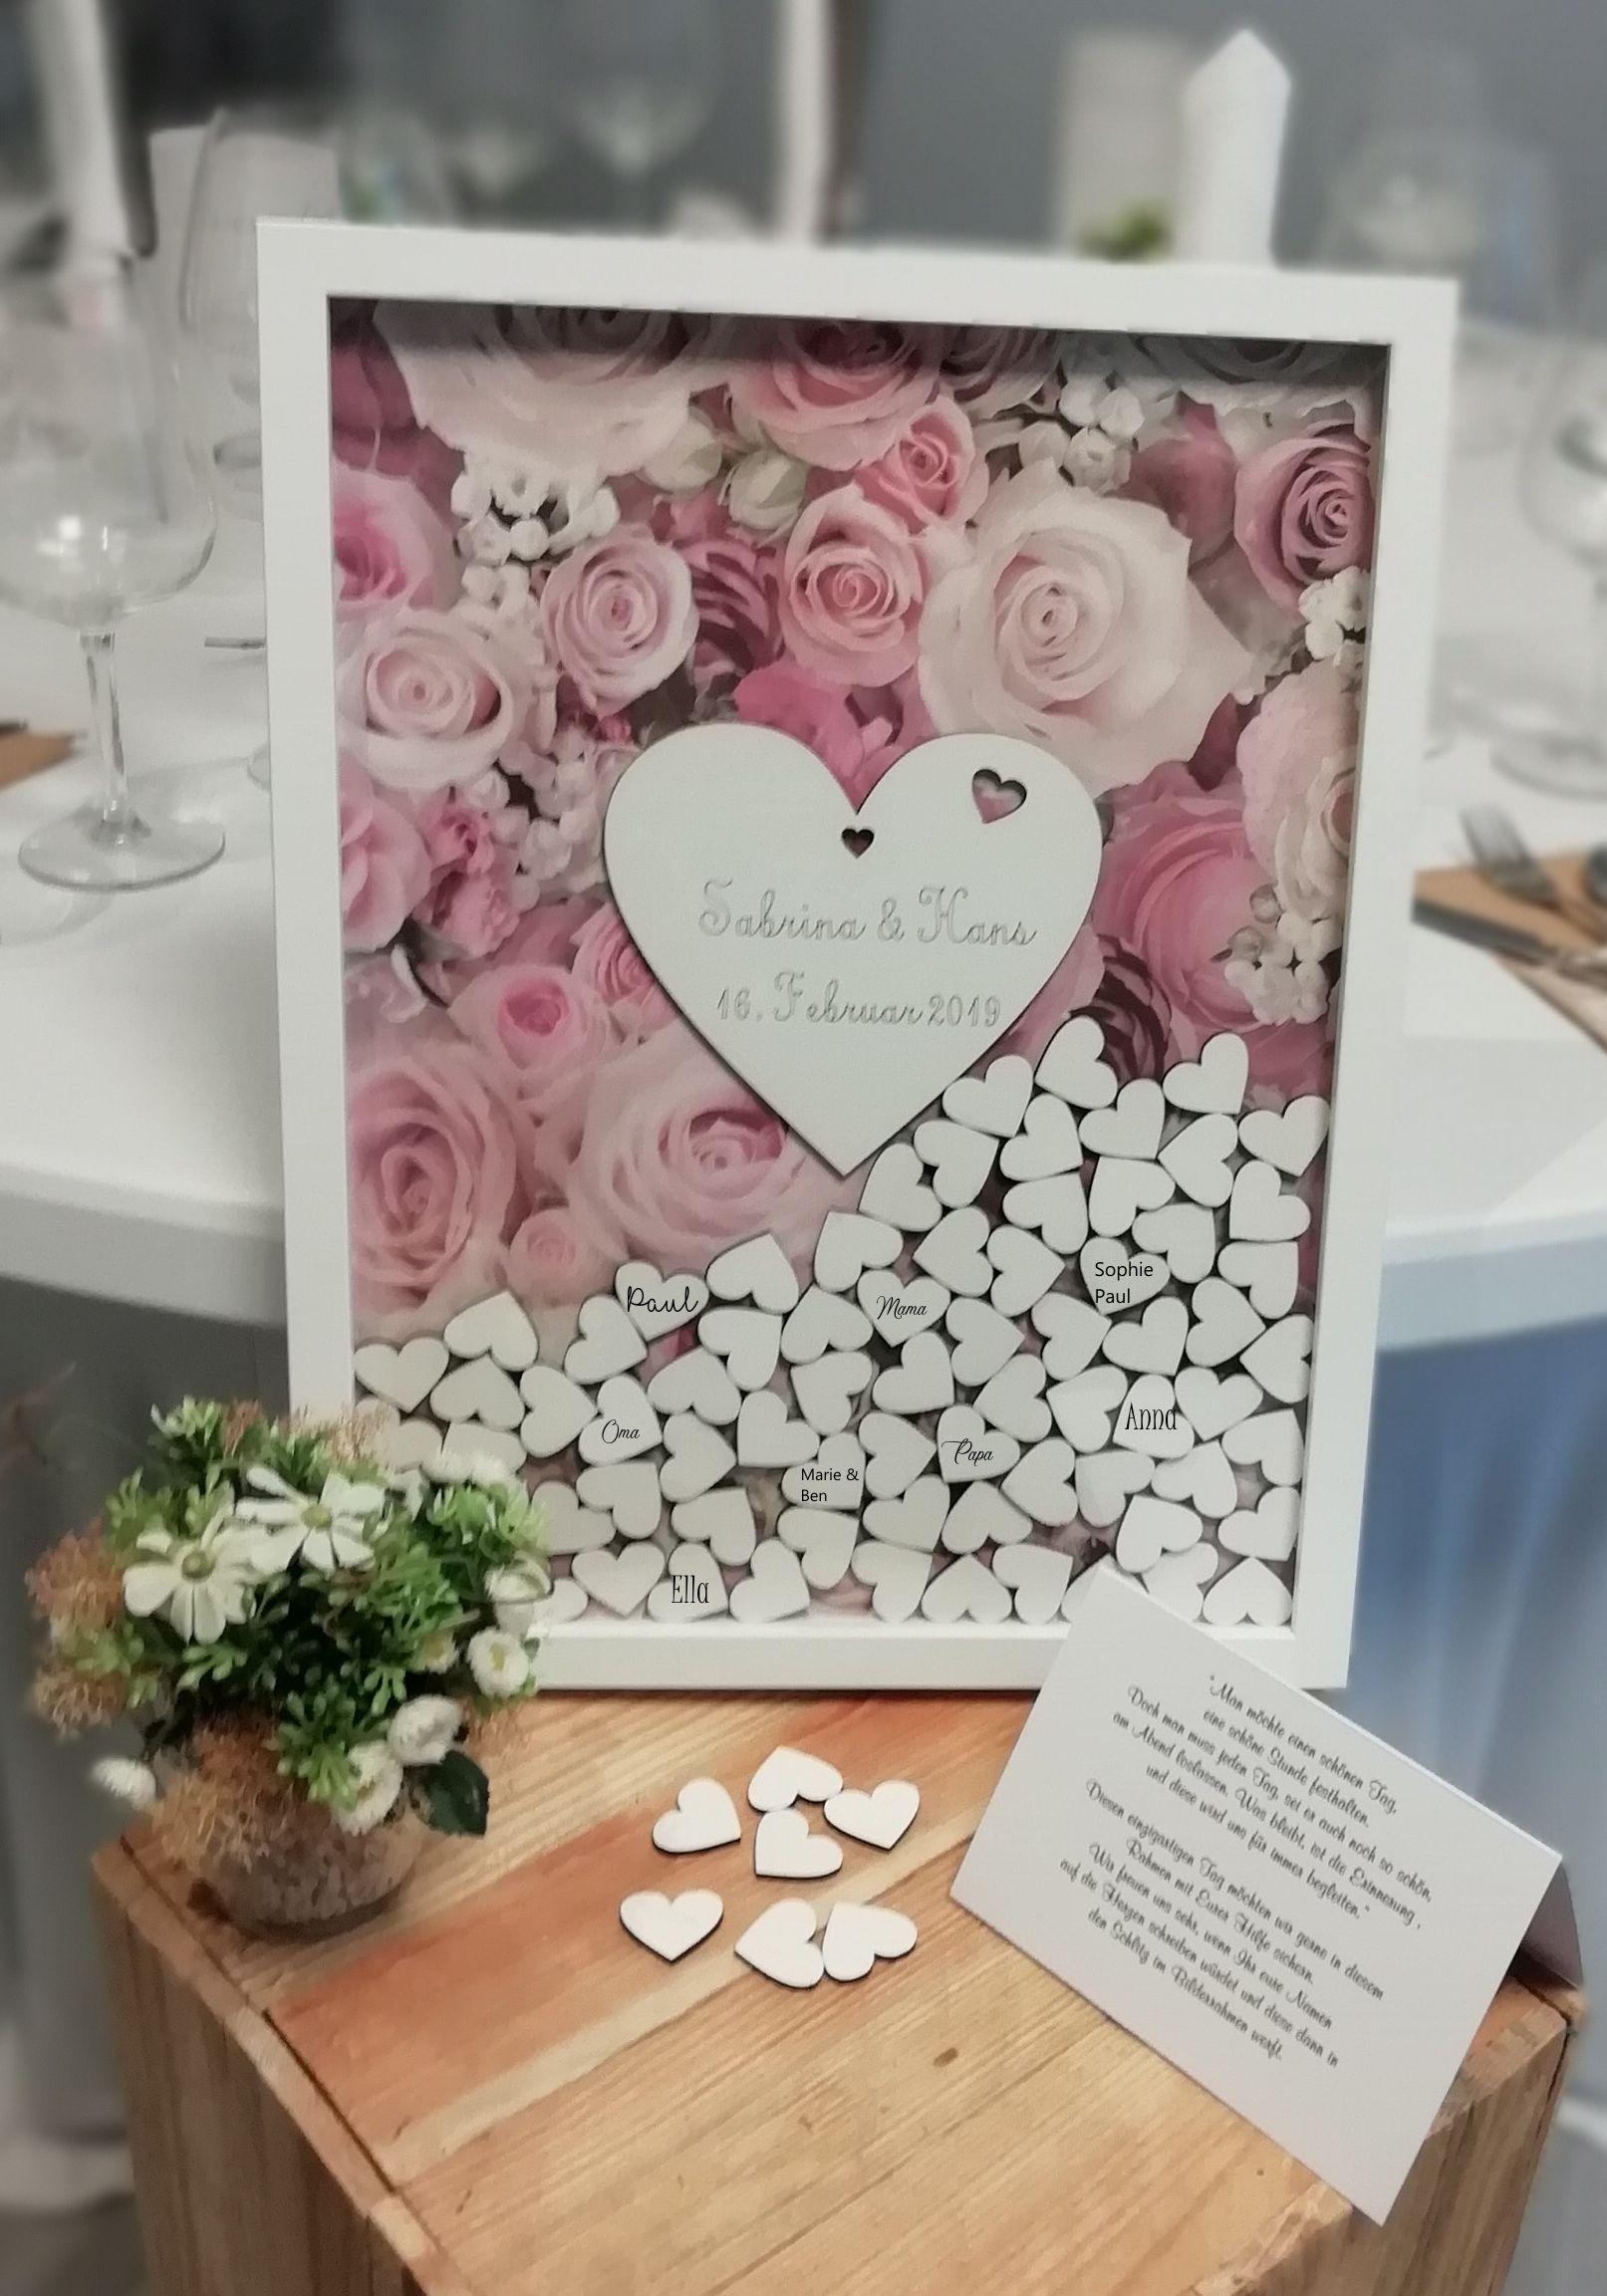 Gastebuch Zur Hochzeit Aus Holz Mit Holzherzen Vintage Rosenstyle Gastebuch Hochzeit Geldgeschenke Hochzeit Basteln Hochzeit